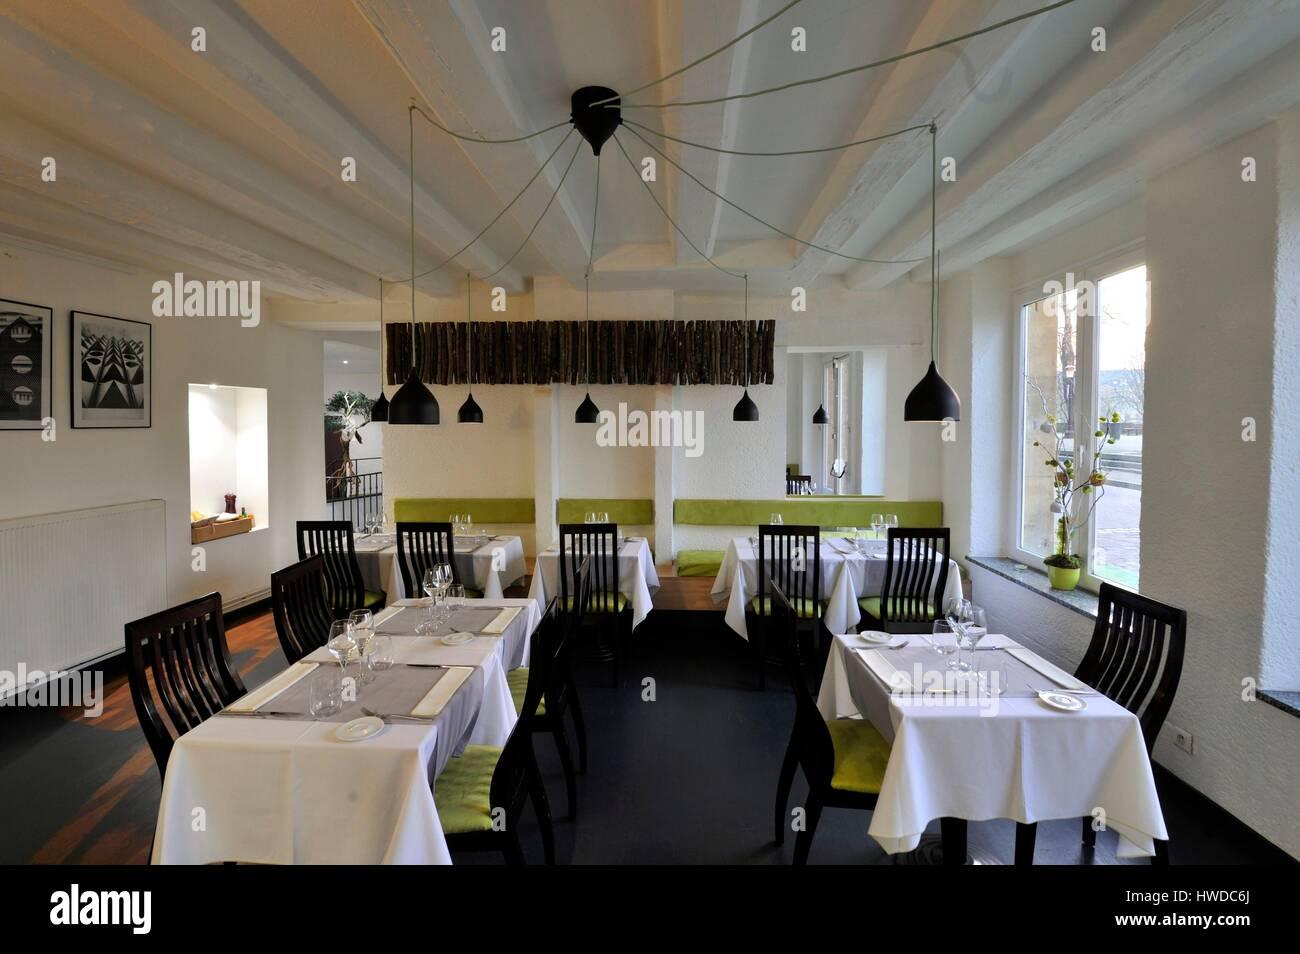 France moselle metz le jardin des chefs restaurant 33 quai felix stock photo 136133946 alamy - Restaurant le jardin de bellevue metz ...